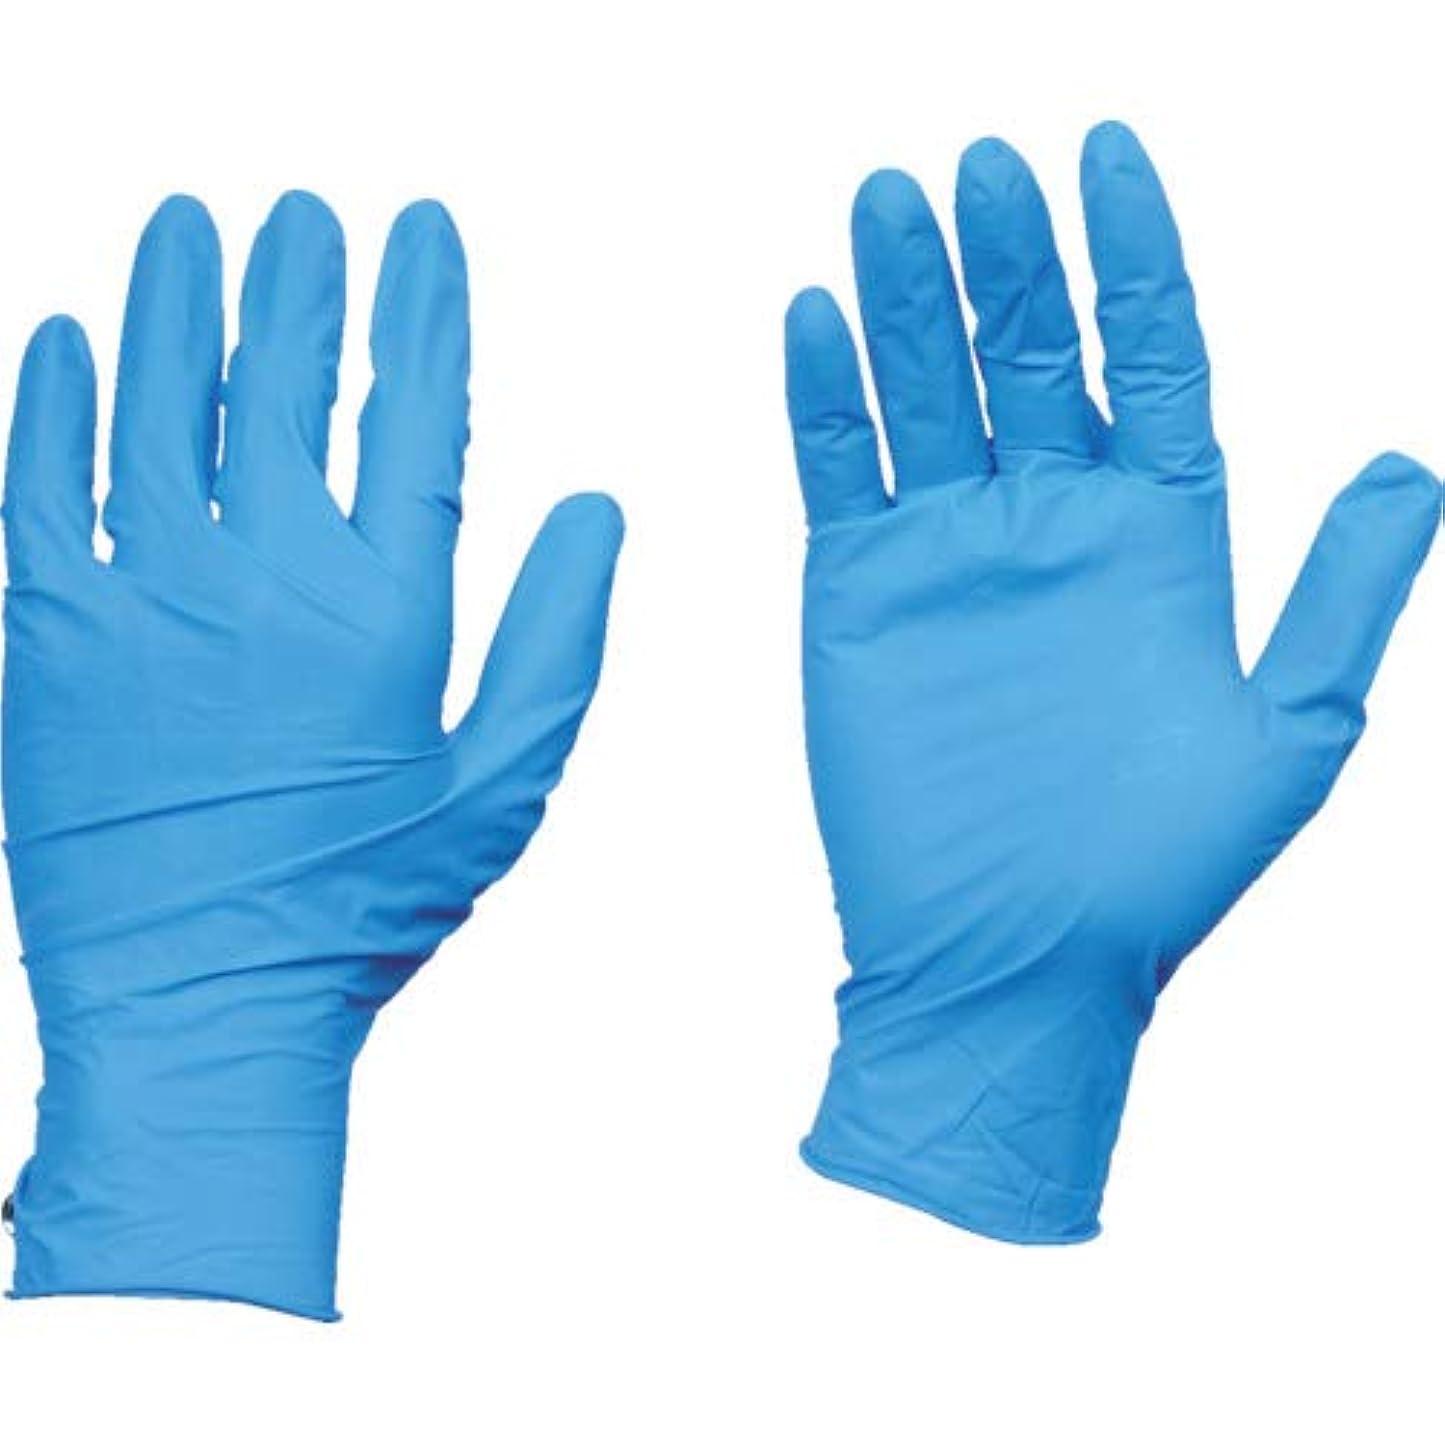 良さ幼児非難TRUSCO(トラスコ) 10箱入り 使い捨て天然ゴム手袋TGワーク 0.10 粉付青M TGPL10BM10C